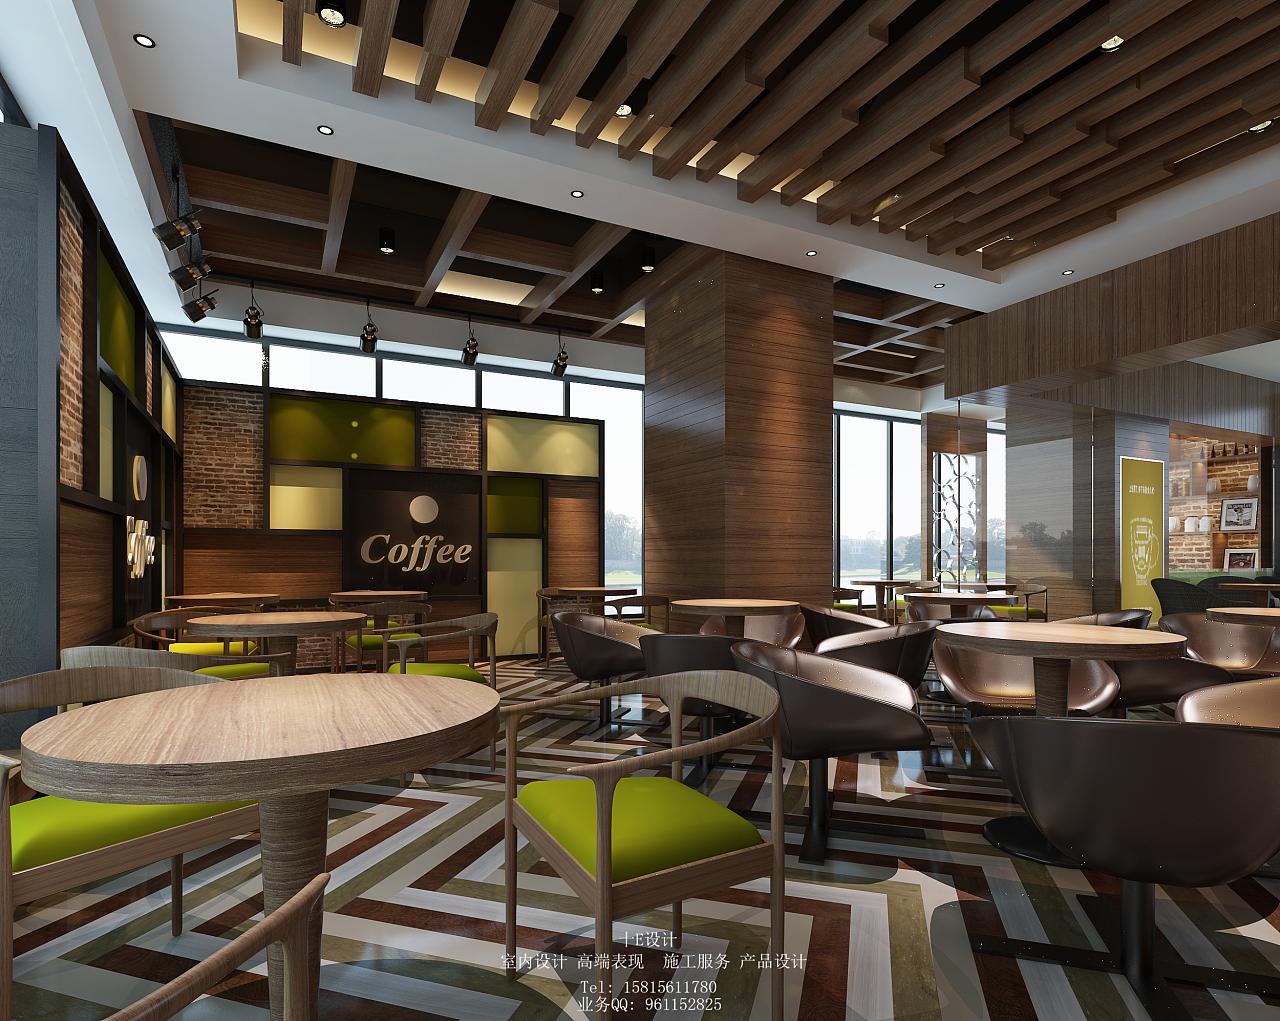 咖啡厅|空间|室内设计|shiyidesign - 原创作品